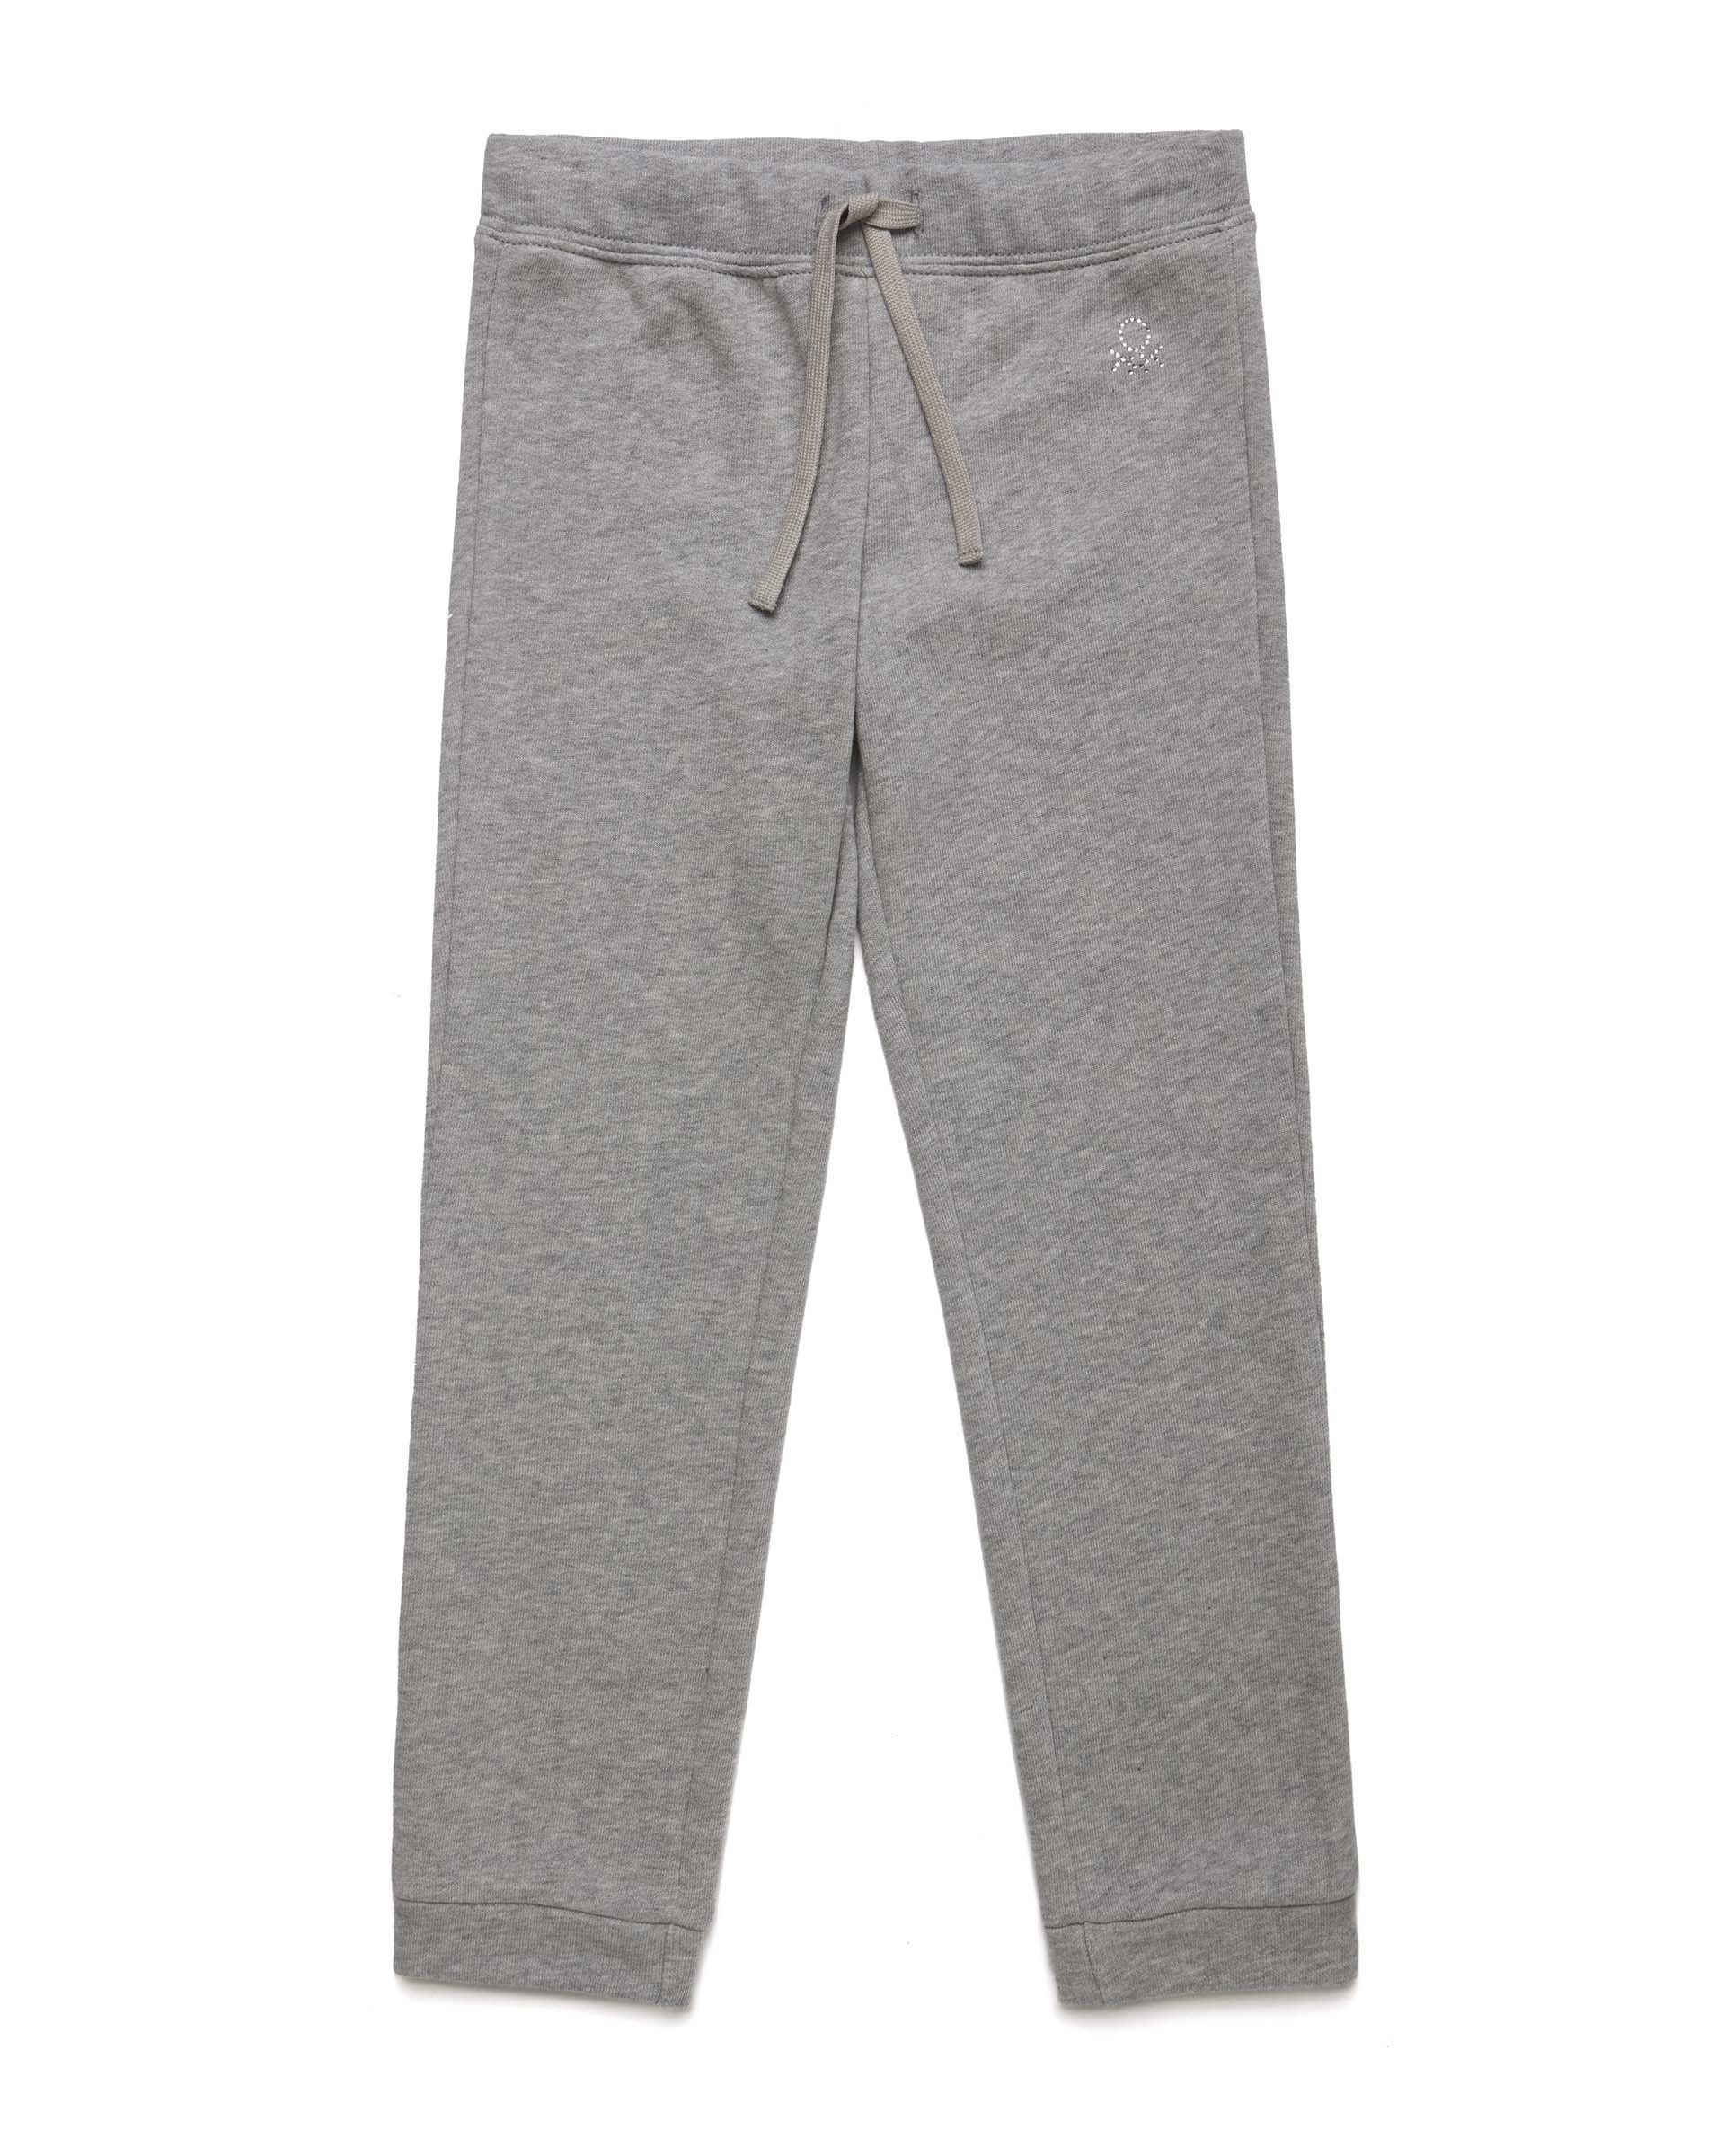 Купить 20P_3J68I0897_501, Спортивные брюки для девочек Benetton 3J68I0897_501 р-р 110, United Colors of Benetton, Брюки для девочек